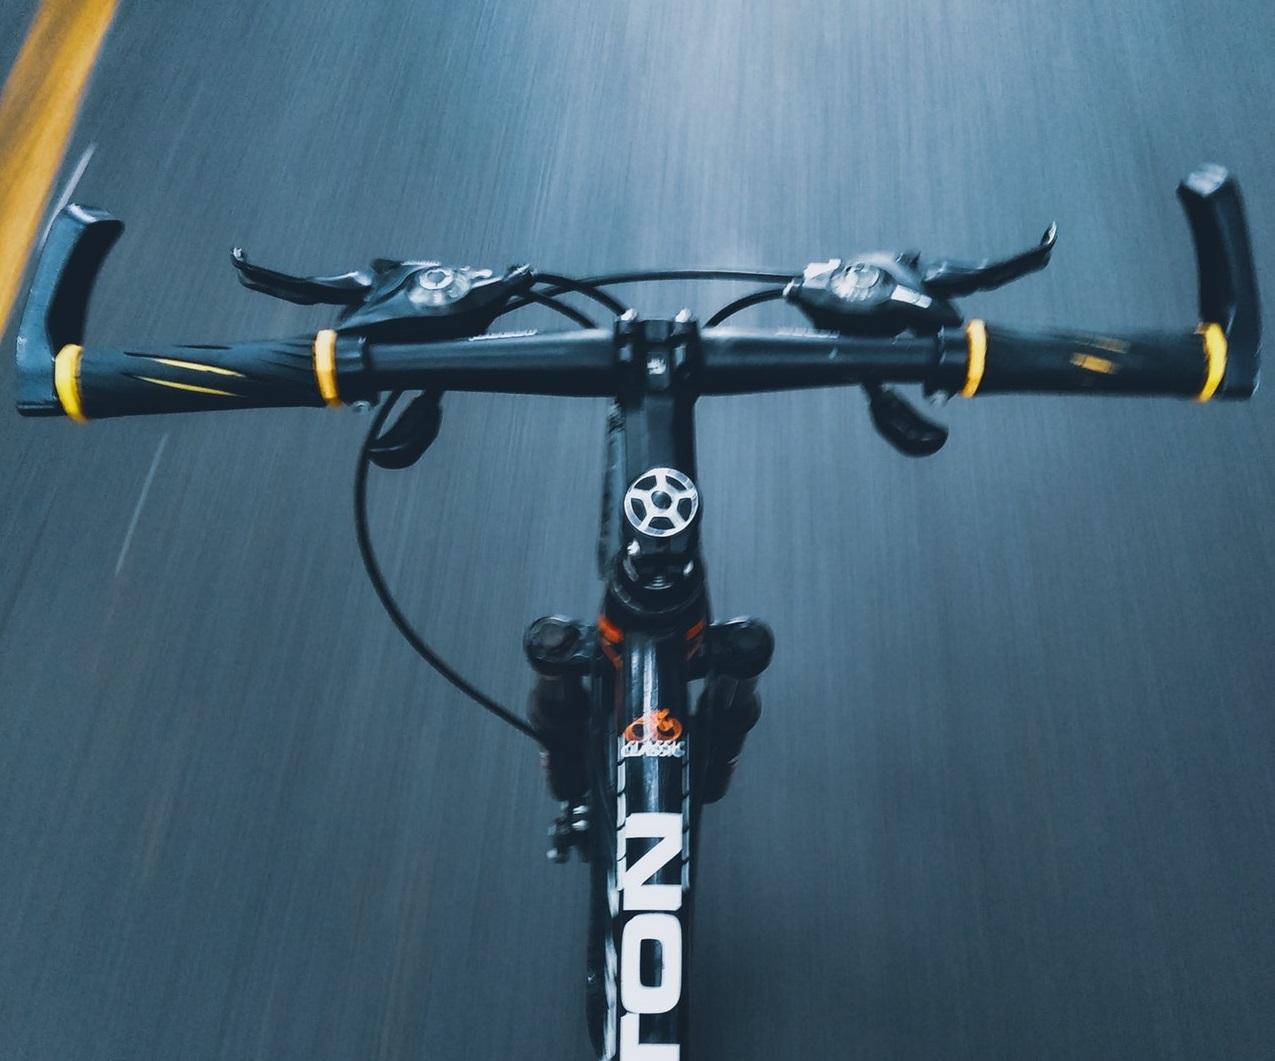 Hur vill du lära dig att cykla, bli en bättre ledare eller komma tillrätta med något hinder?